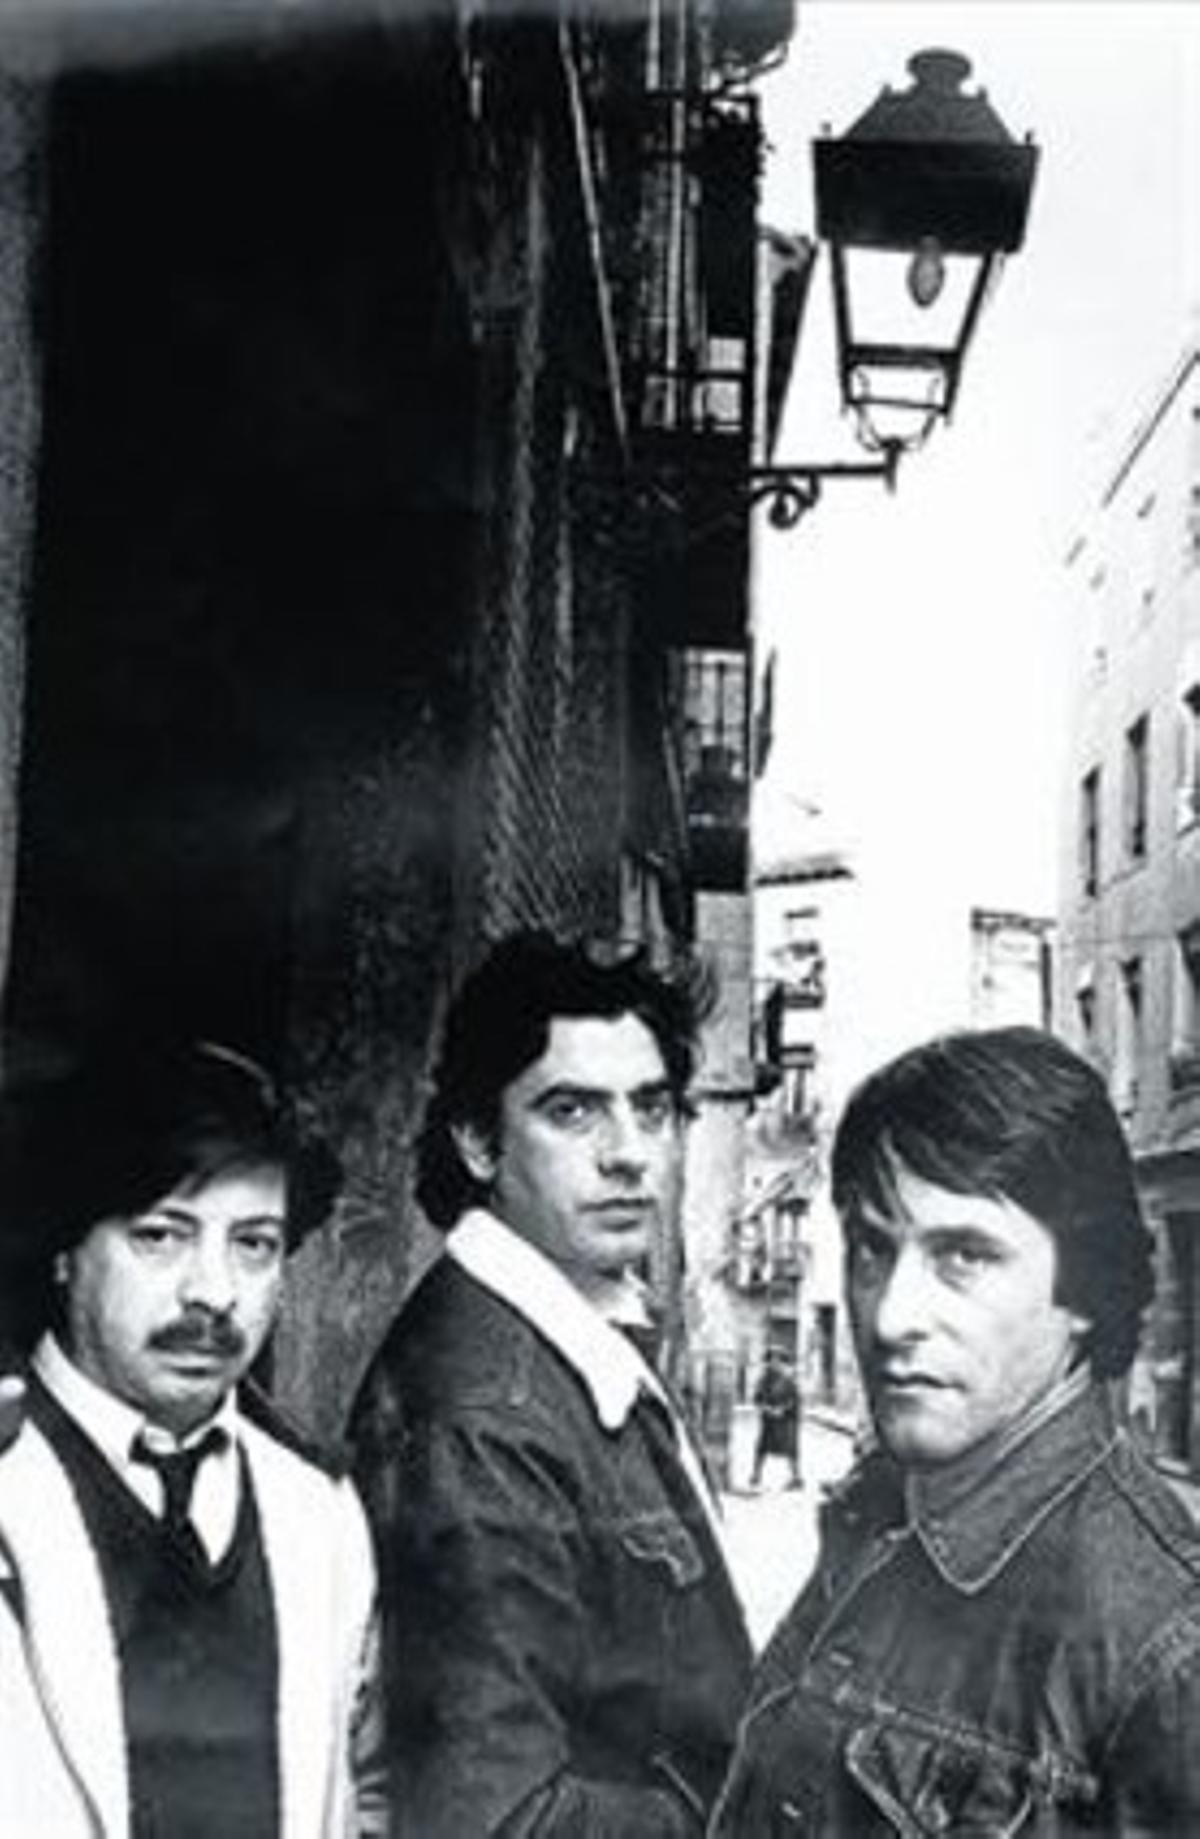 Triana: de izquierda a derecha: Juan José Palacios 'Tele', Jesús de la Rosa y Eduardo Rodríguez.